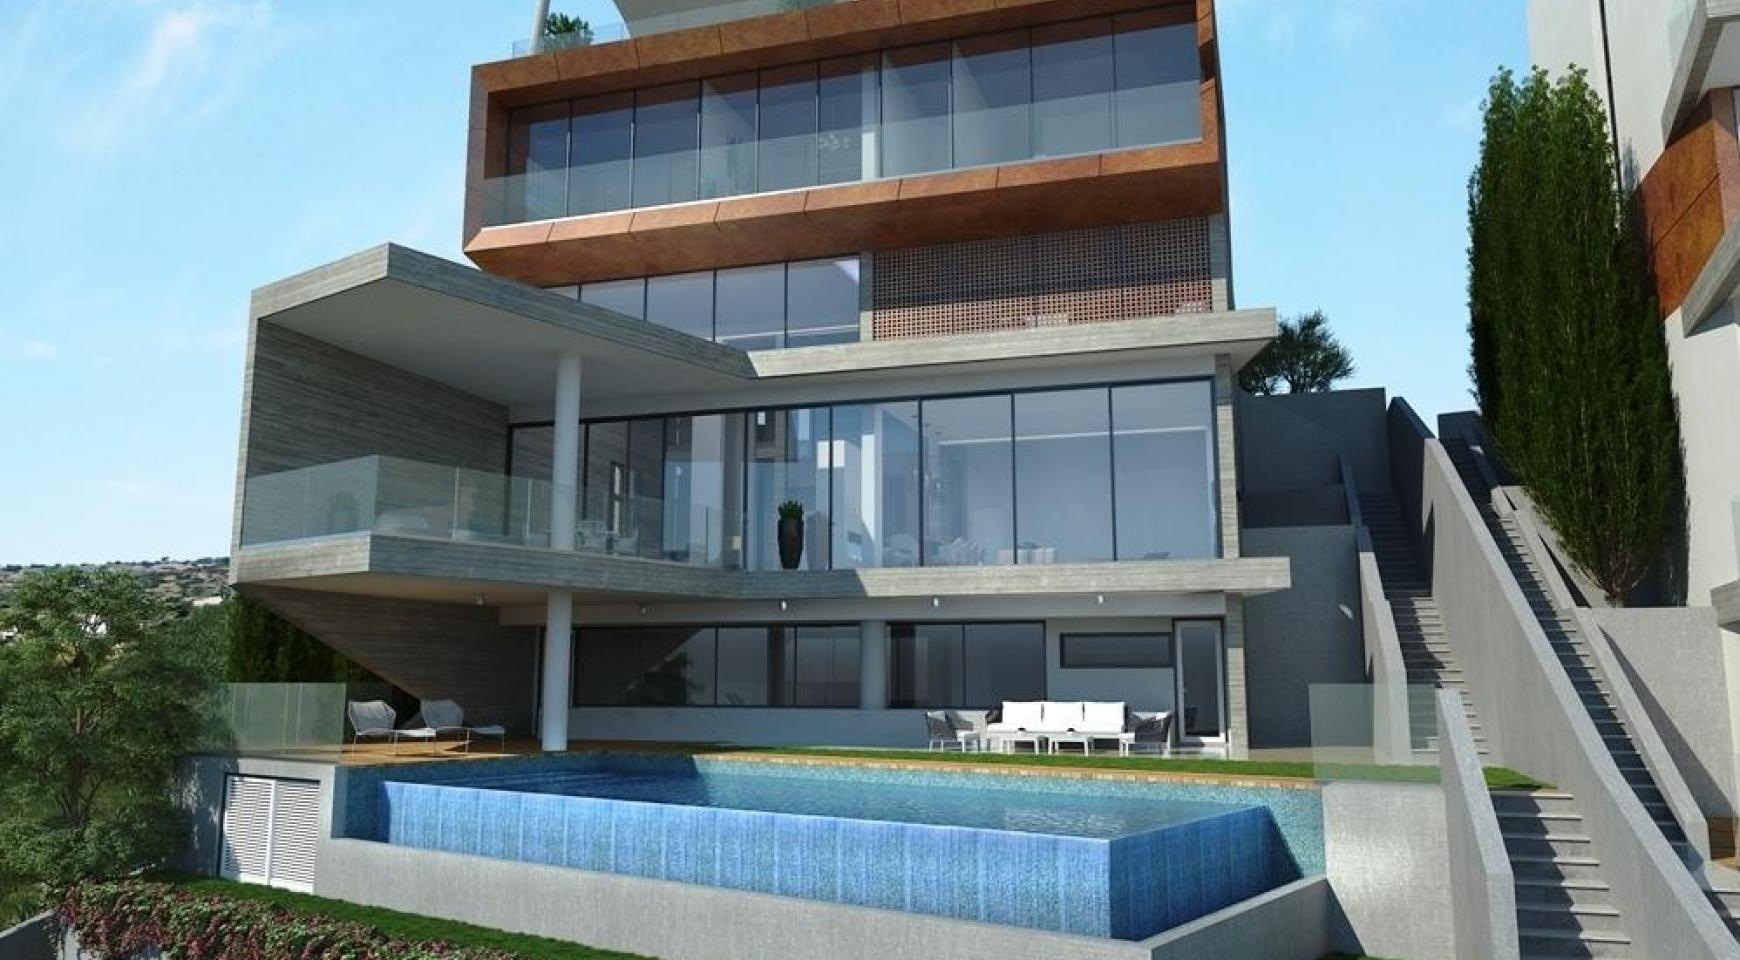 4 Bedroom Villa with Sea Views in Agios Tychonas Area - 2